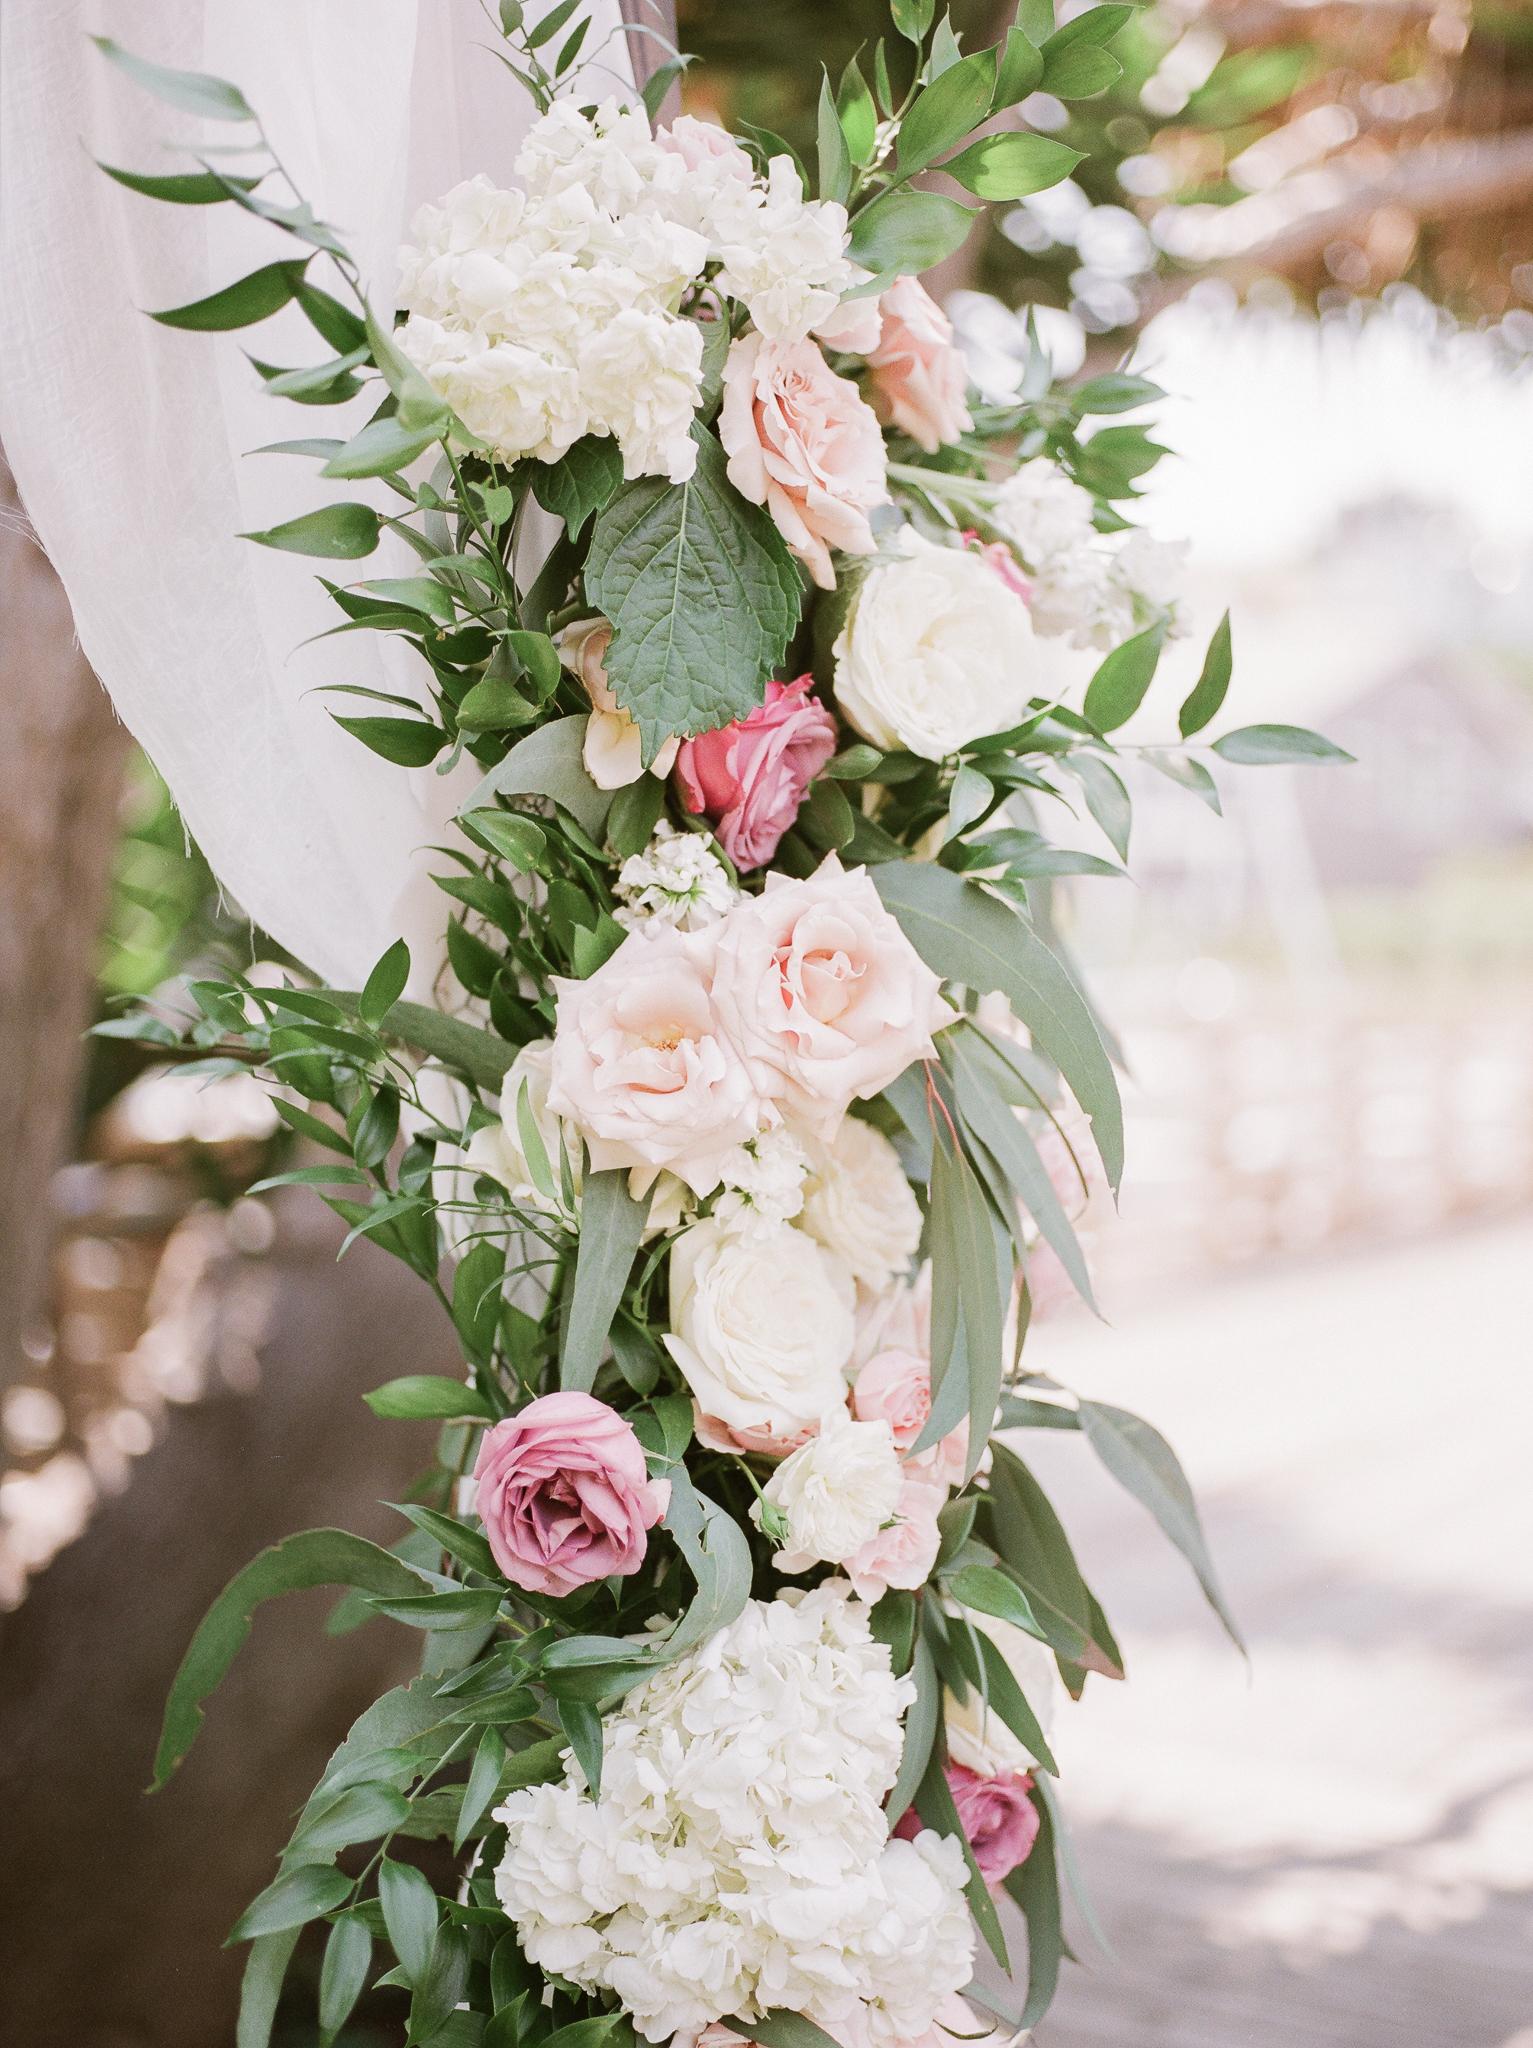 pink white floral arrangement foliage accents